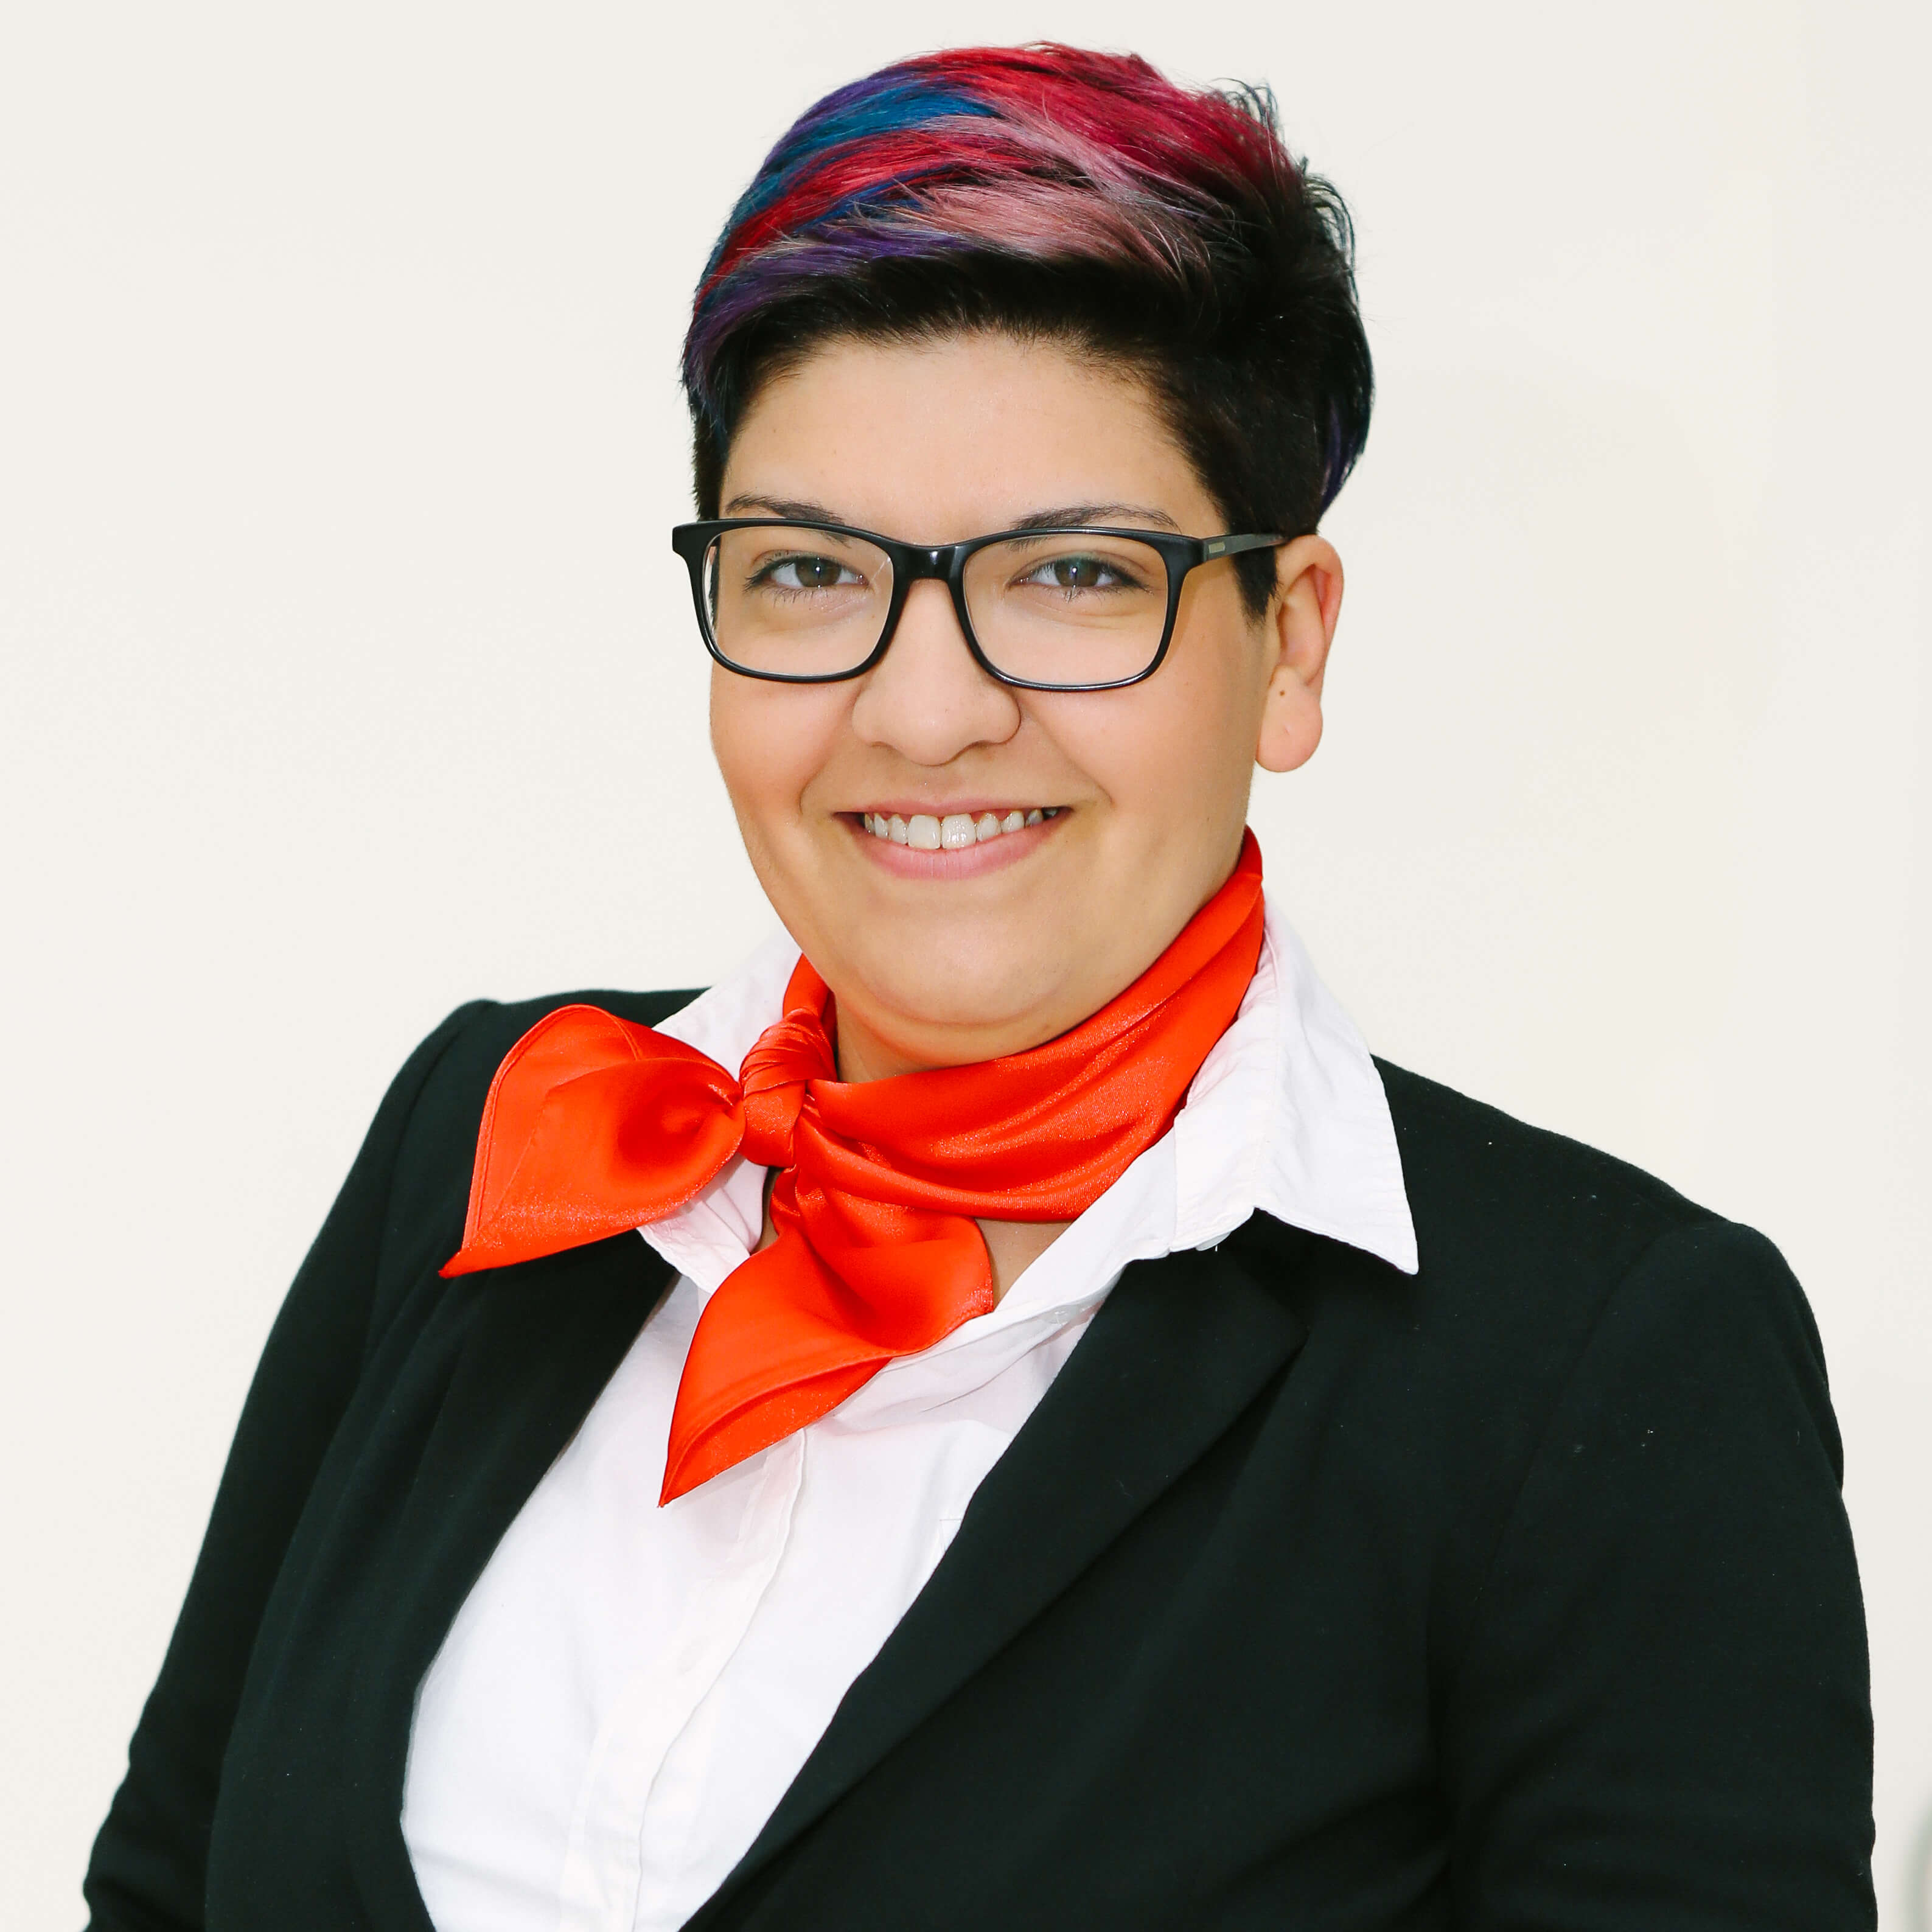 Ramona Banzhaf